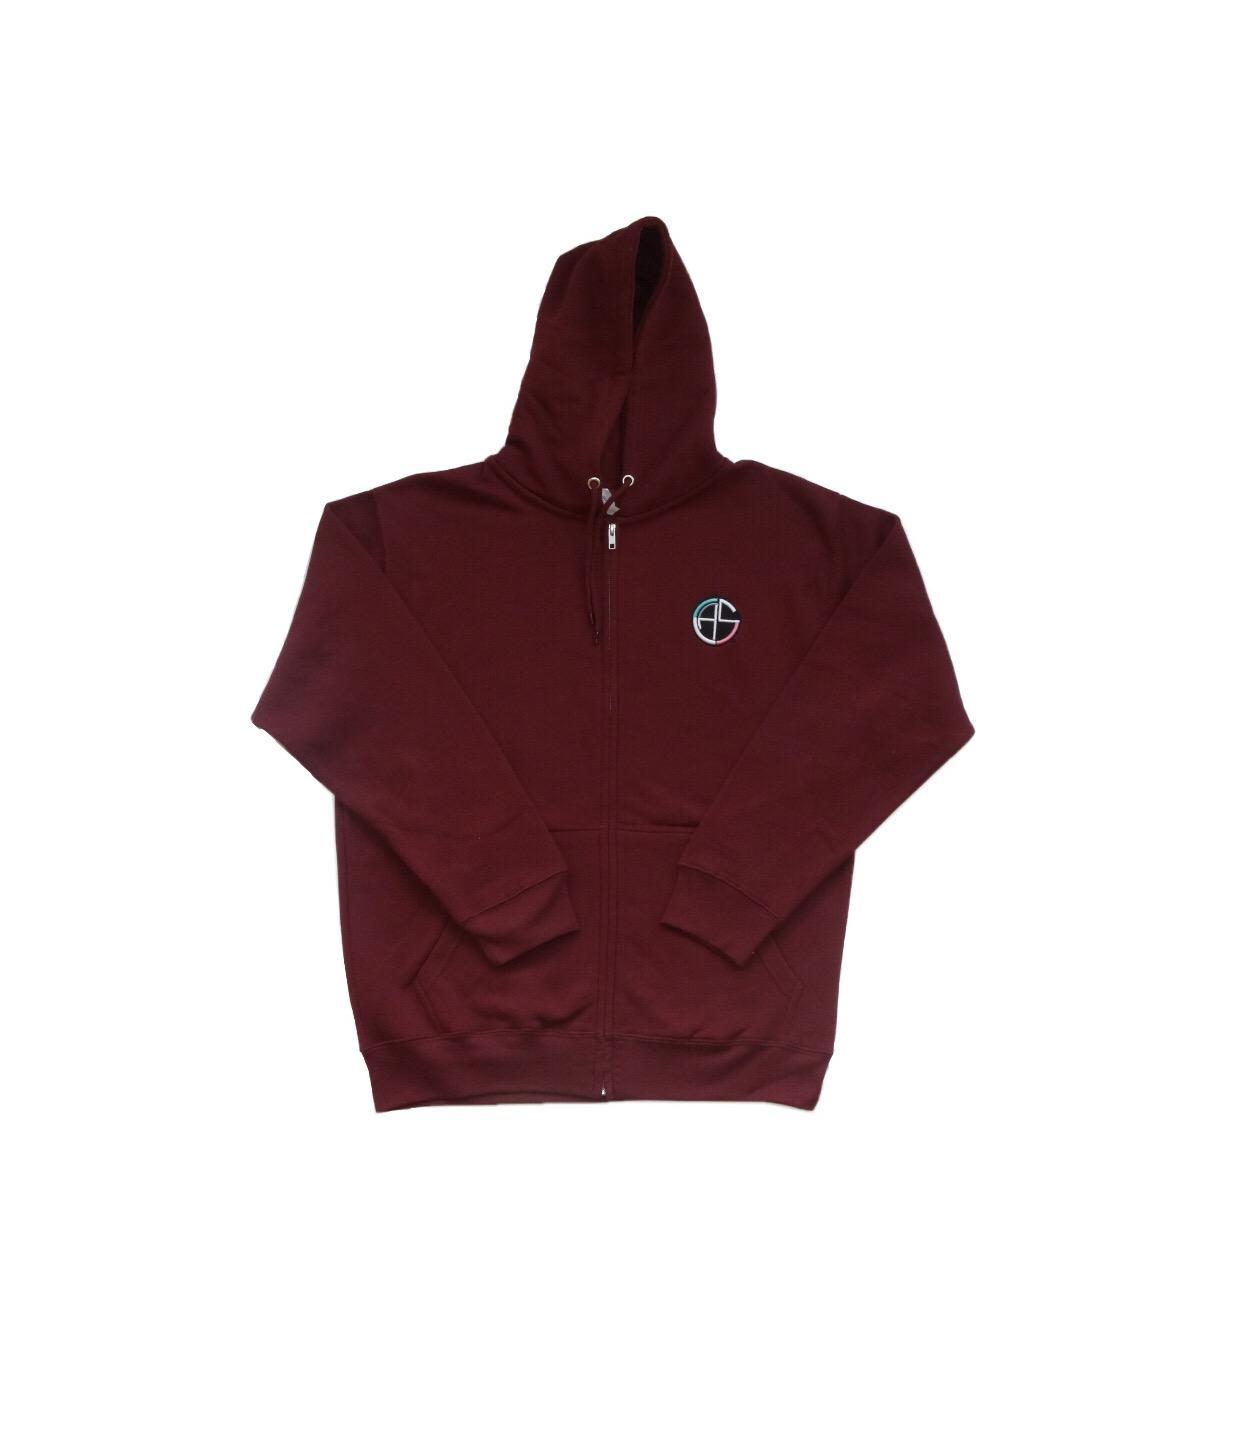 C.A.s. maroon zip up -